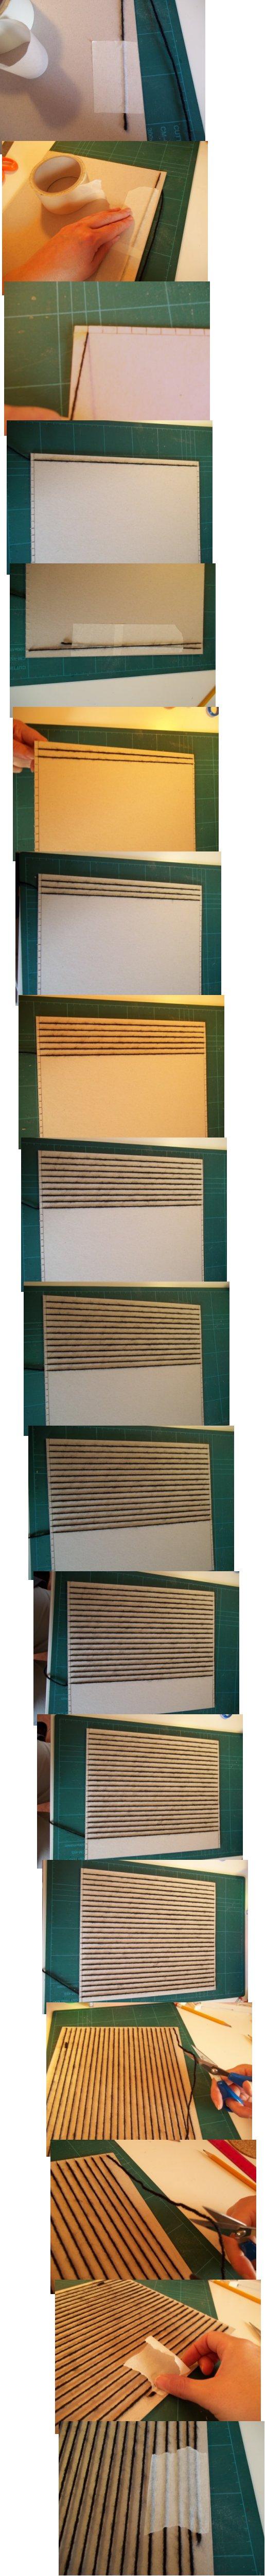 Tejido en telar de fabricación casera sencilla Basic-weaving-with-a-homemade-loom-step3